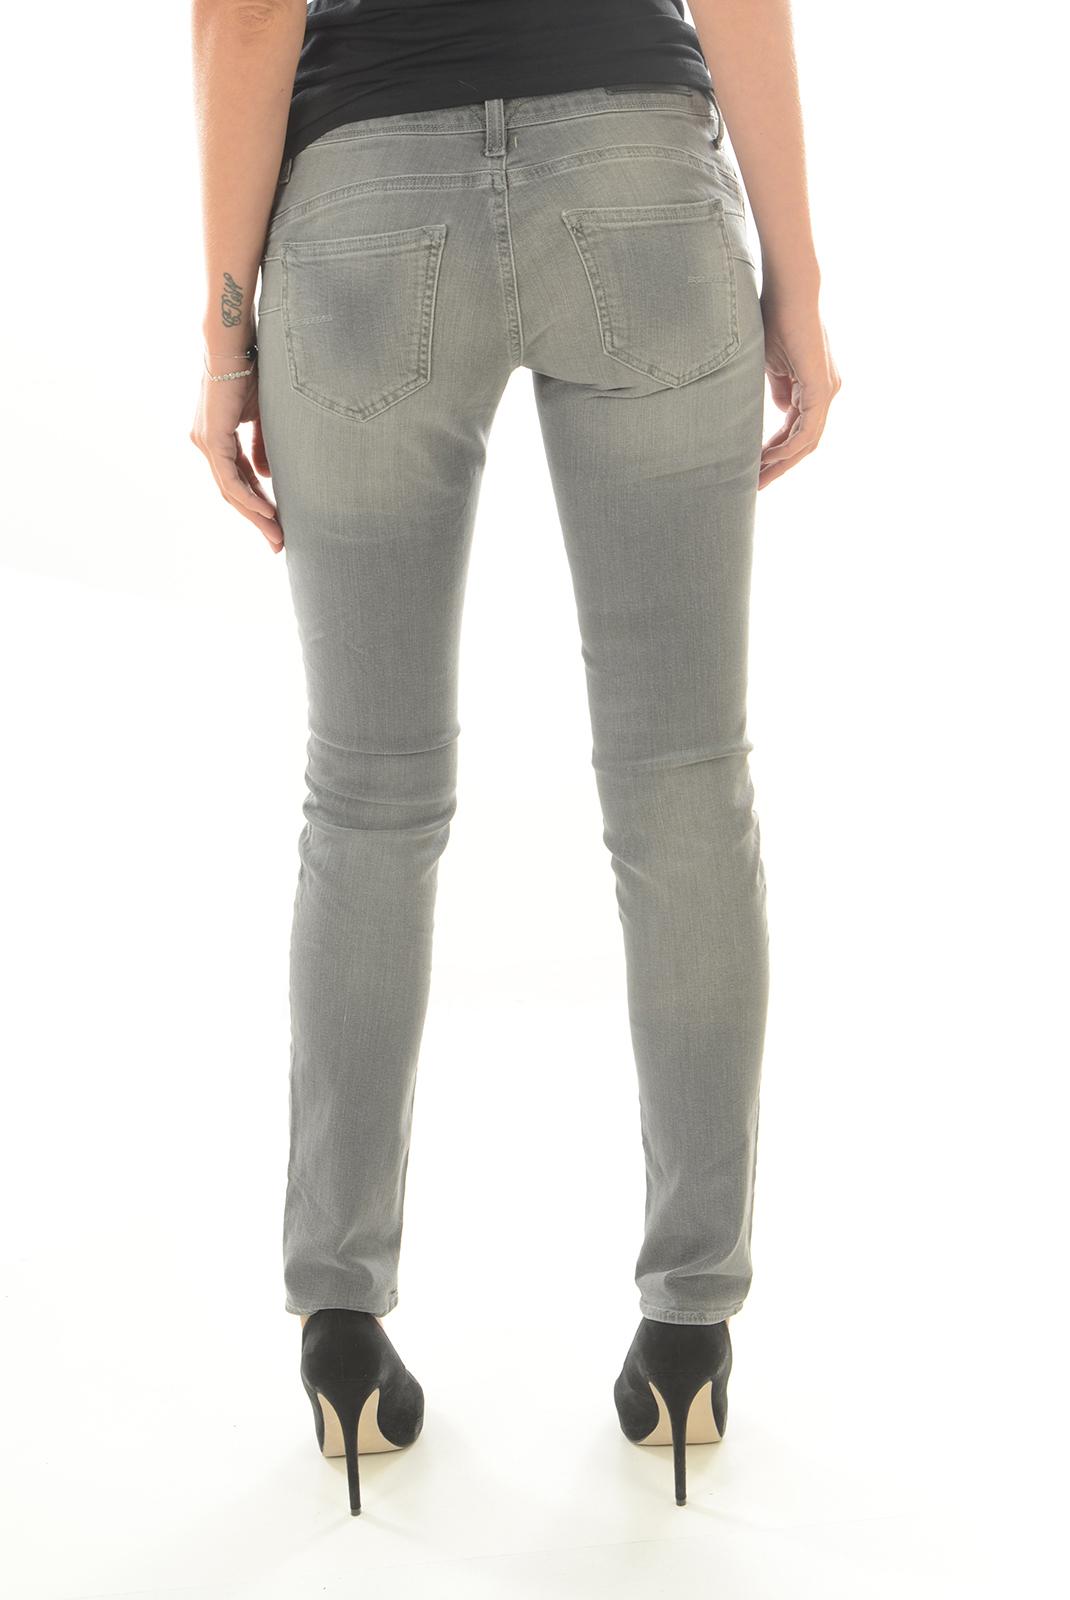 Jeans   Meltin'pot MONIE D1651 UK469 NF14  GRIS